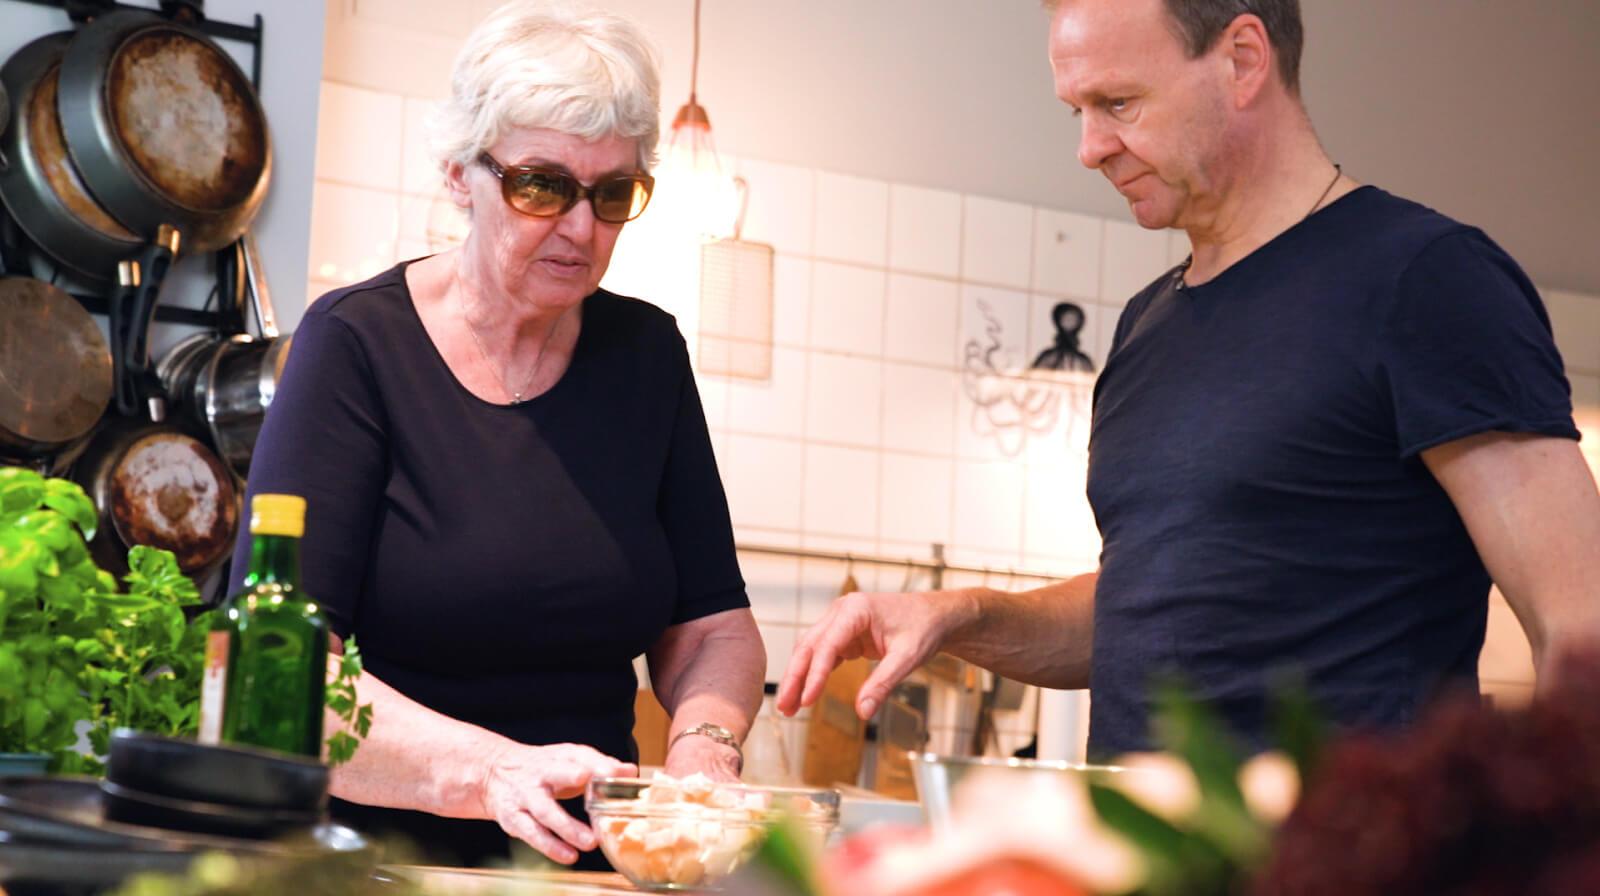 Frau Poppe und Thomas Leiendecker bei der Zubereitung von Frikadellen